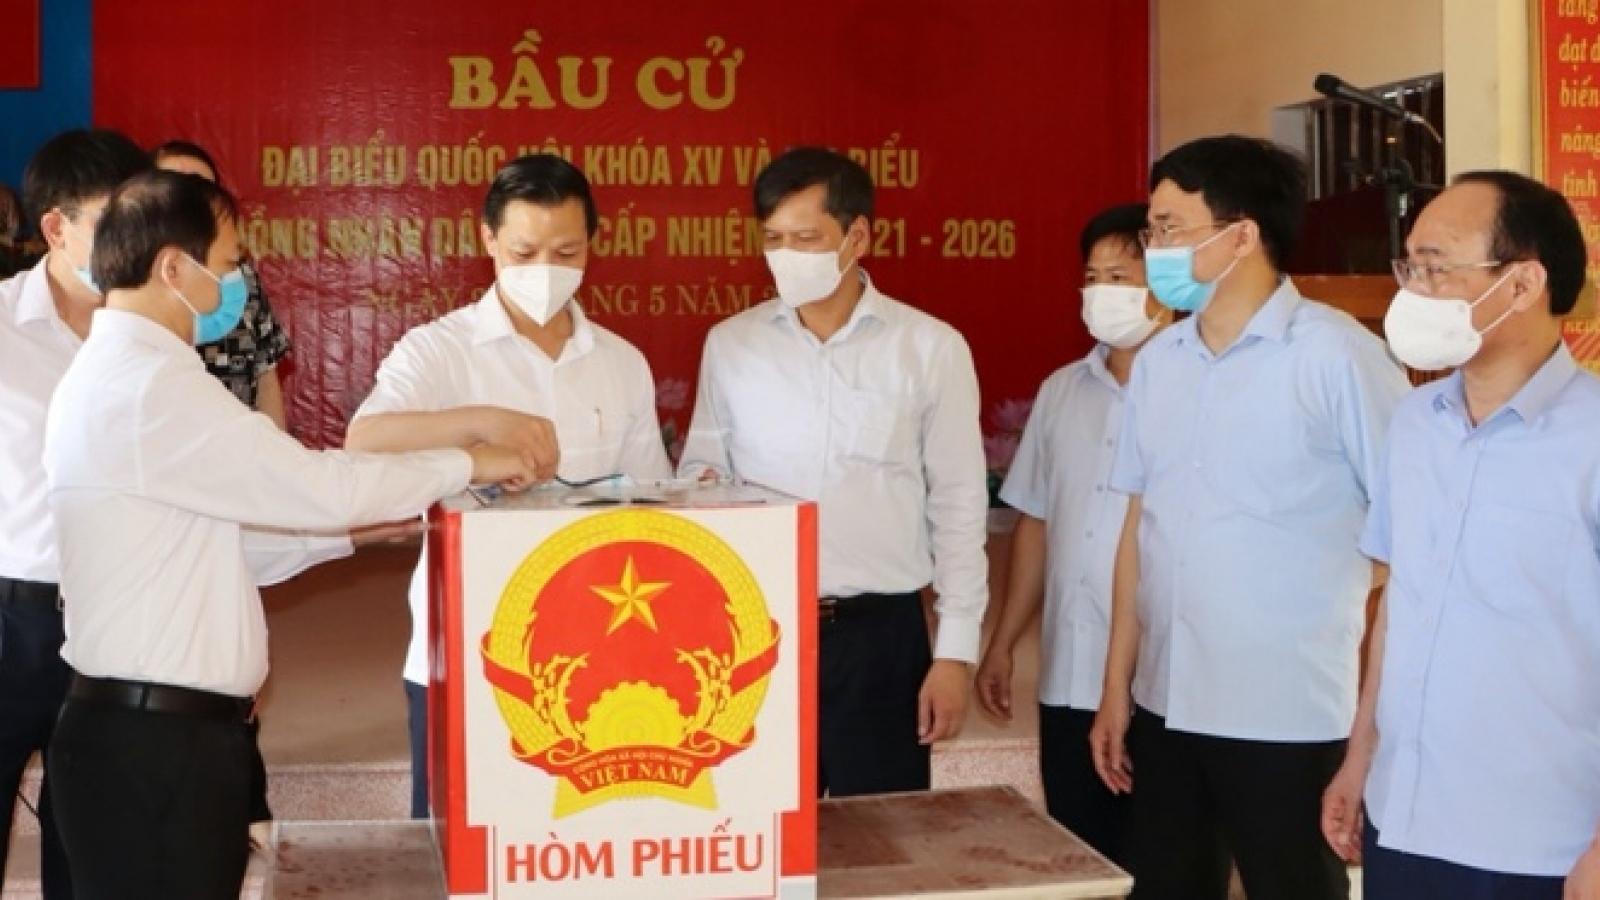 Bắc Ninh tổ chức cho hơn 3.300 cử tri bỏ phiếu sớm